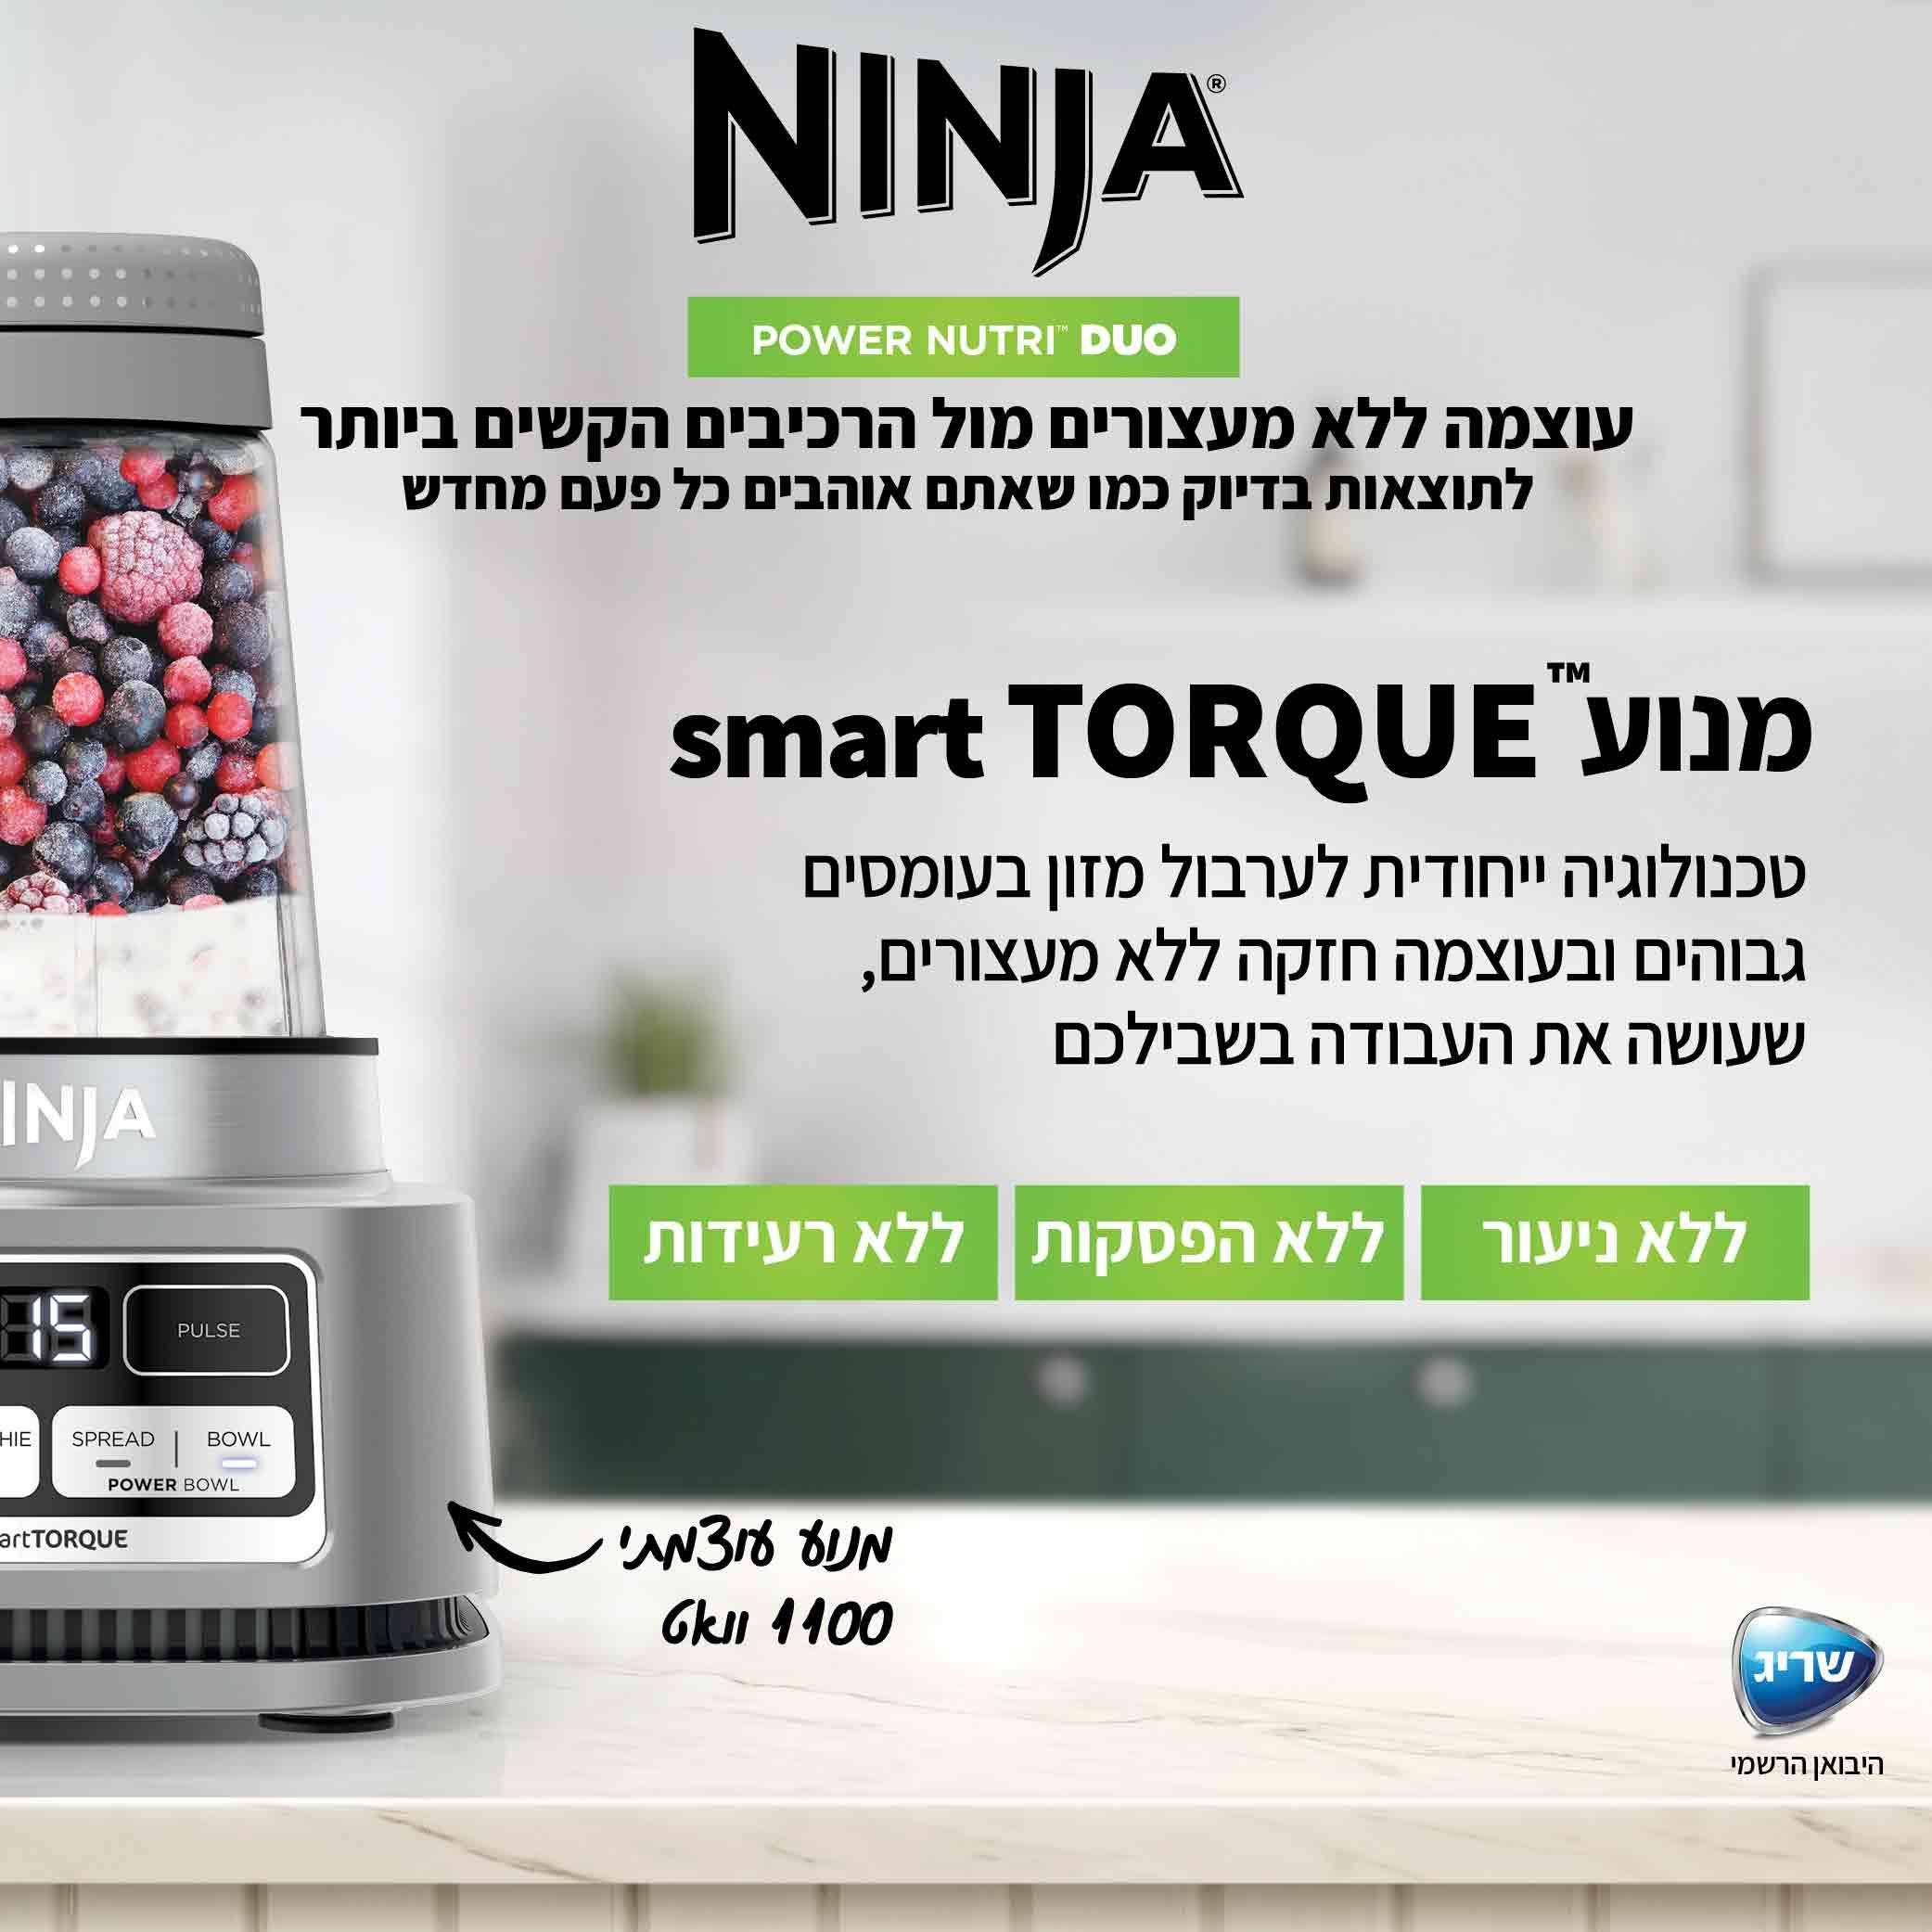 בלנדר מקצועי דגם NINJA POWER NUTRI DUO CB103 נינג'ה - תמונה 4